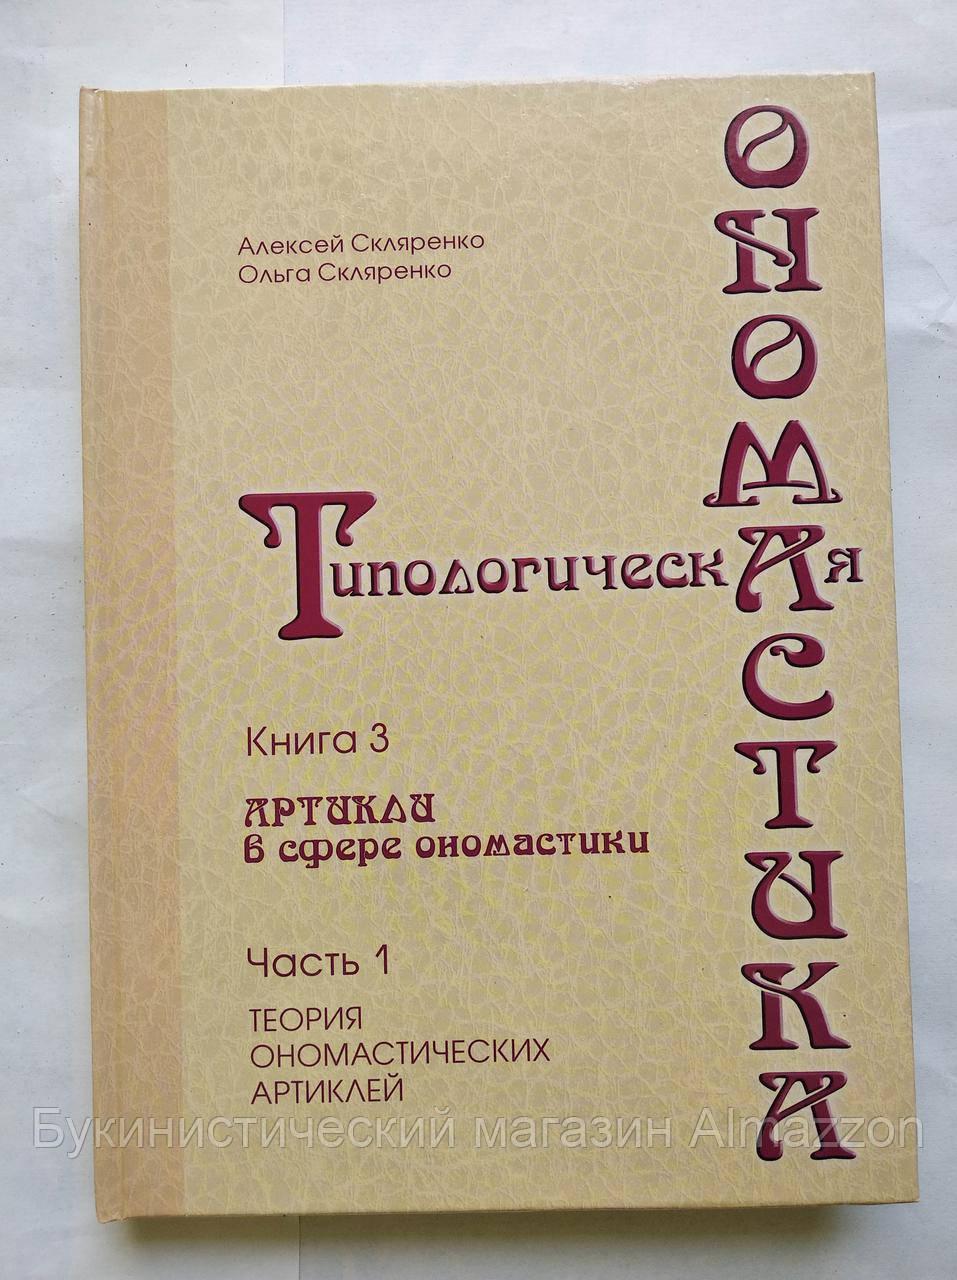 Типологическая ономастика. Артикли в сфере ономастики: теория ономастических артиклей